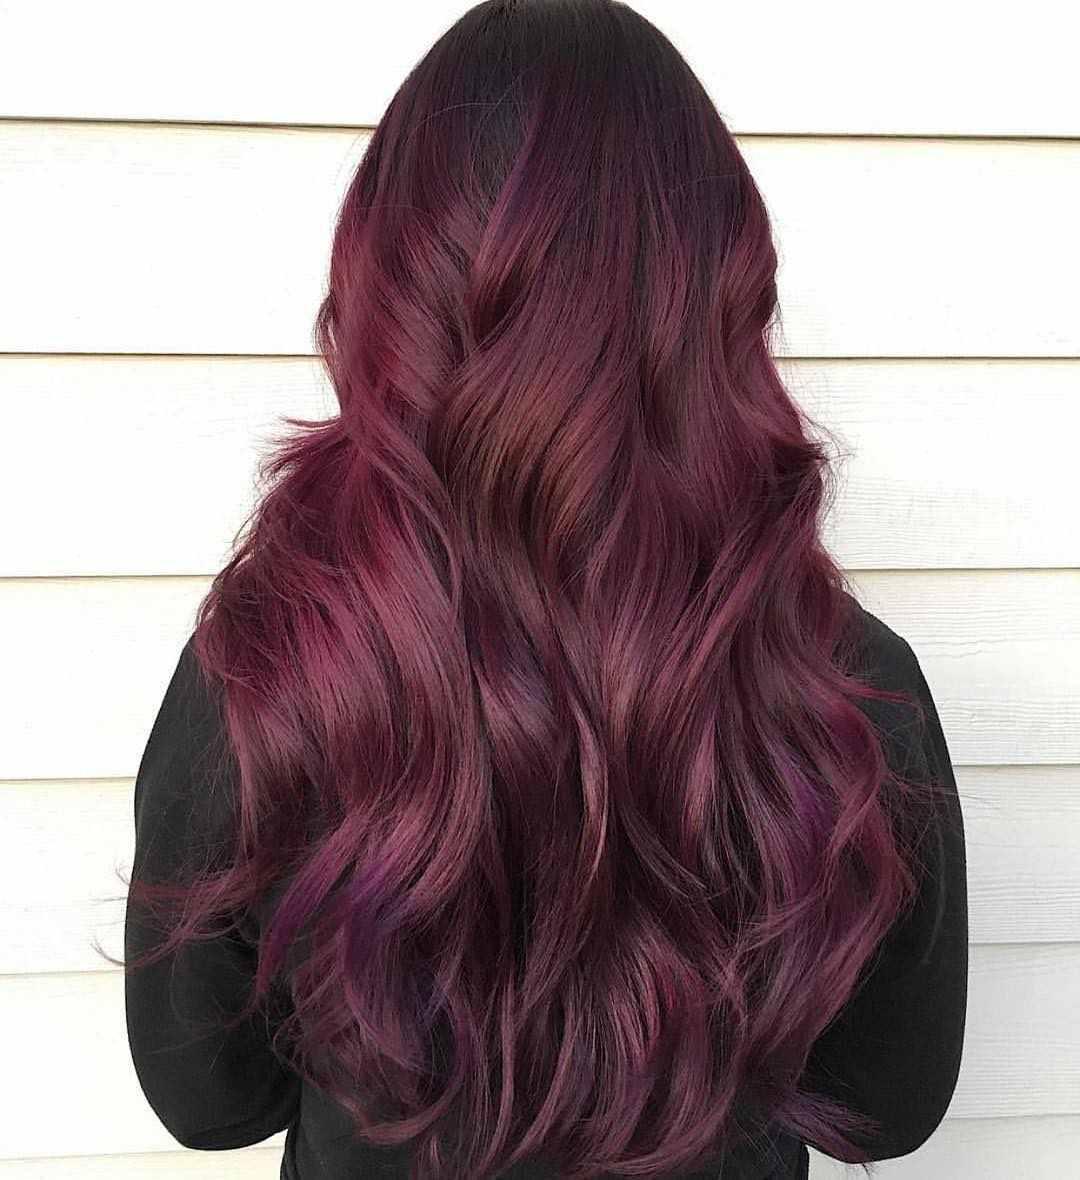 Burgunderrot Haarfarbe Strähnen auf braune Haare Haartrends Damen